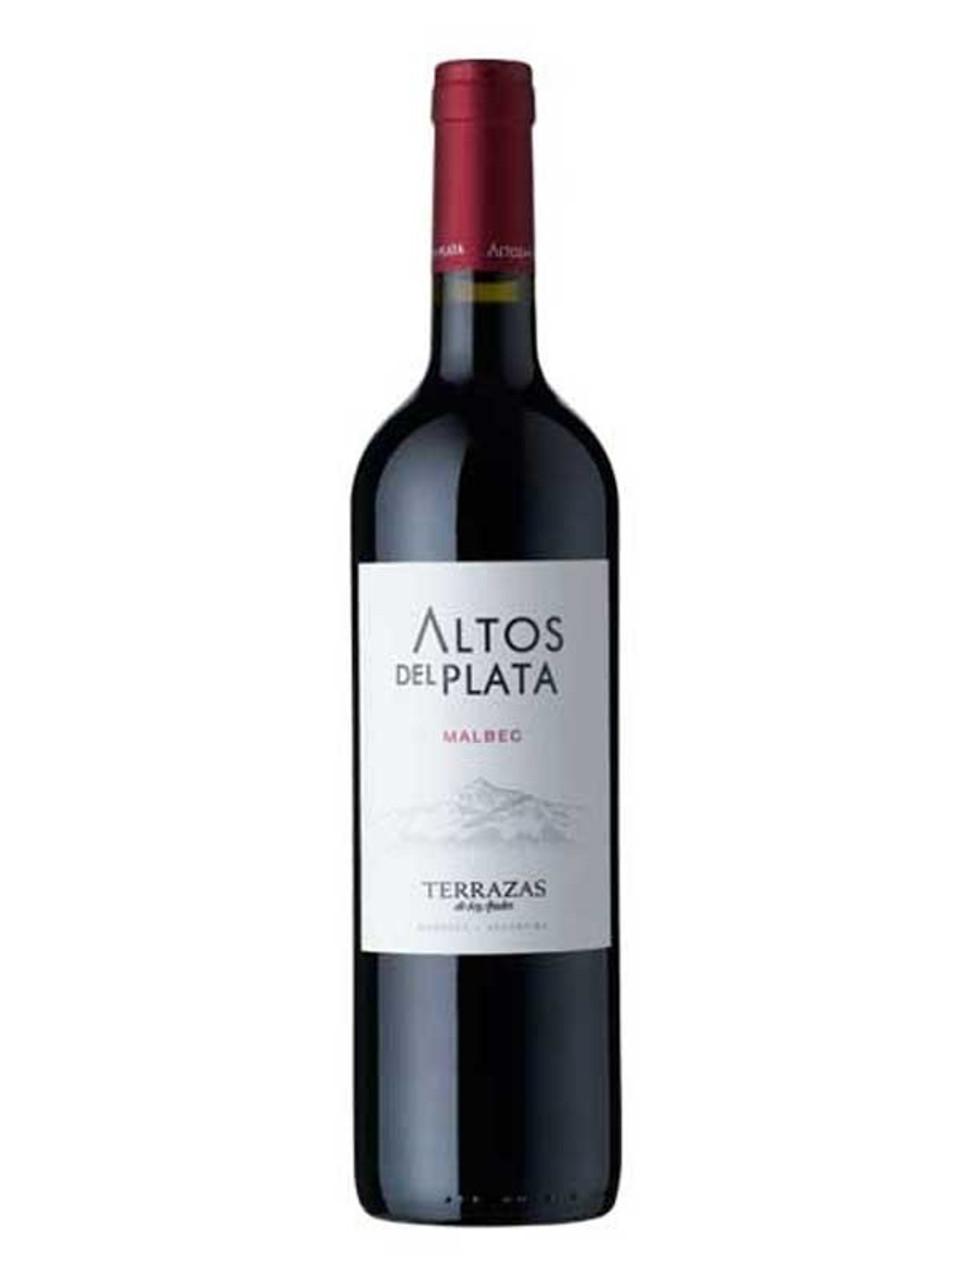 Altos Del Plata Cabernet Sauvignon Terrazas 2017 Vt 750ml